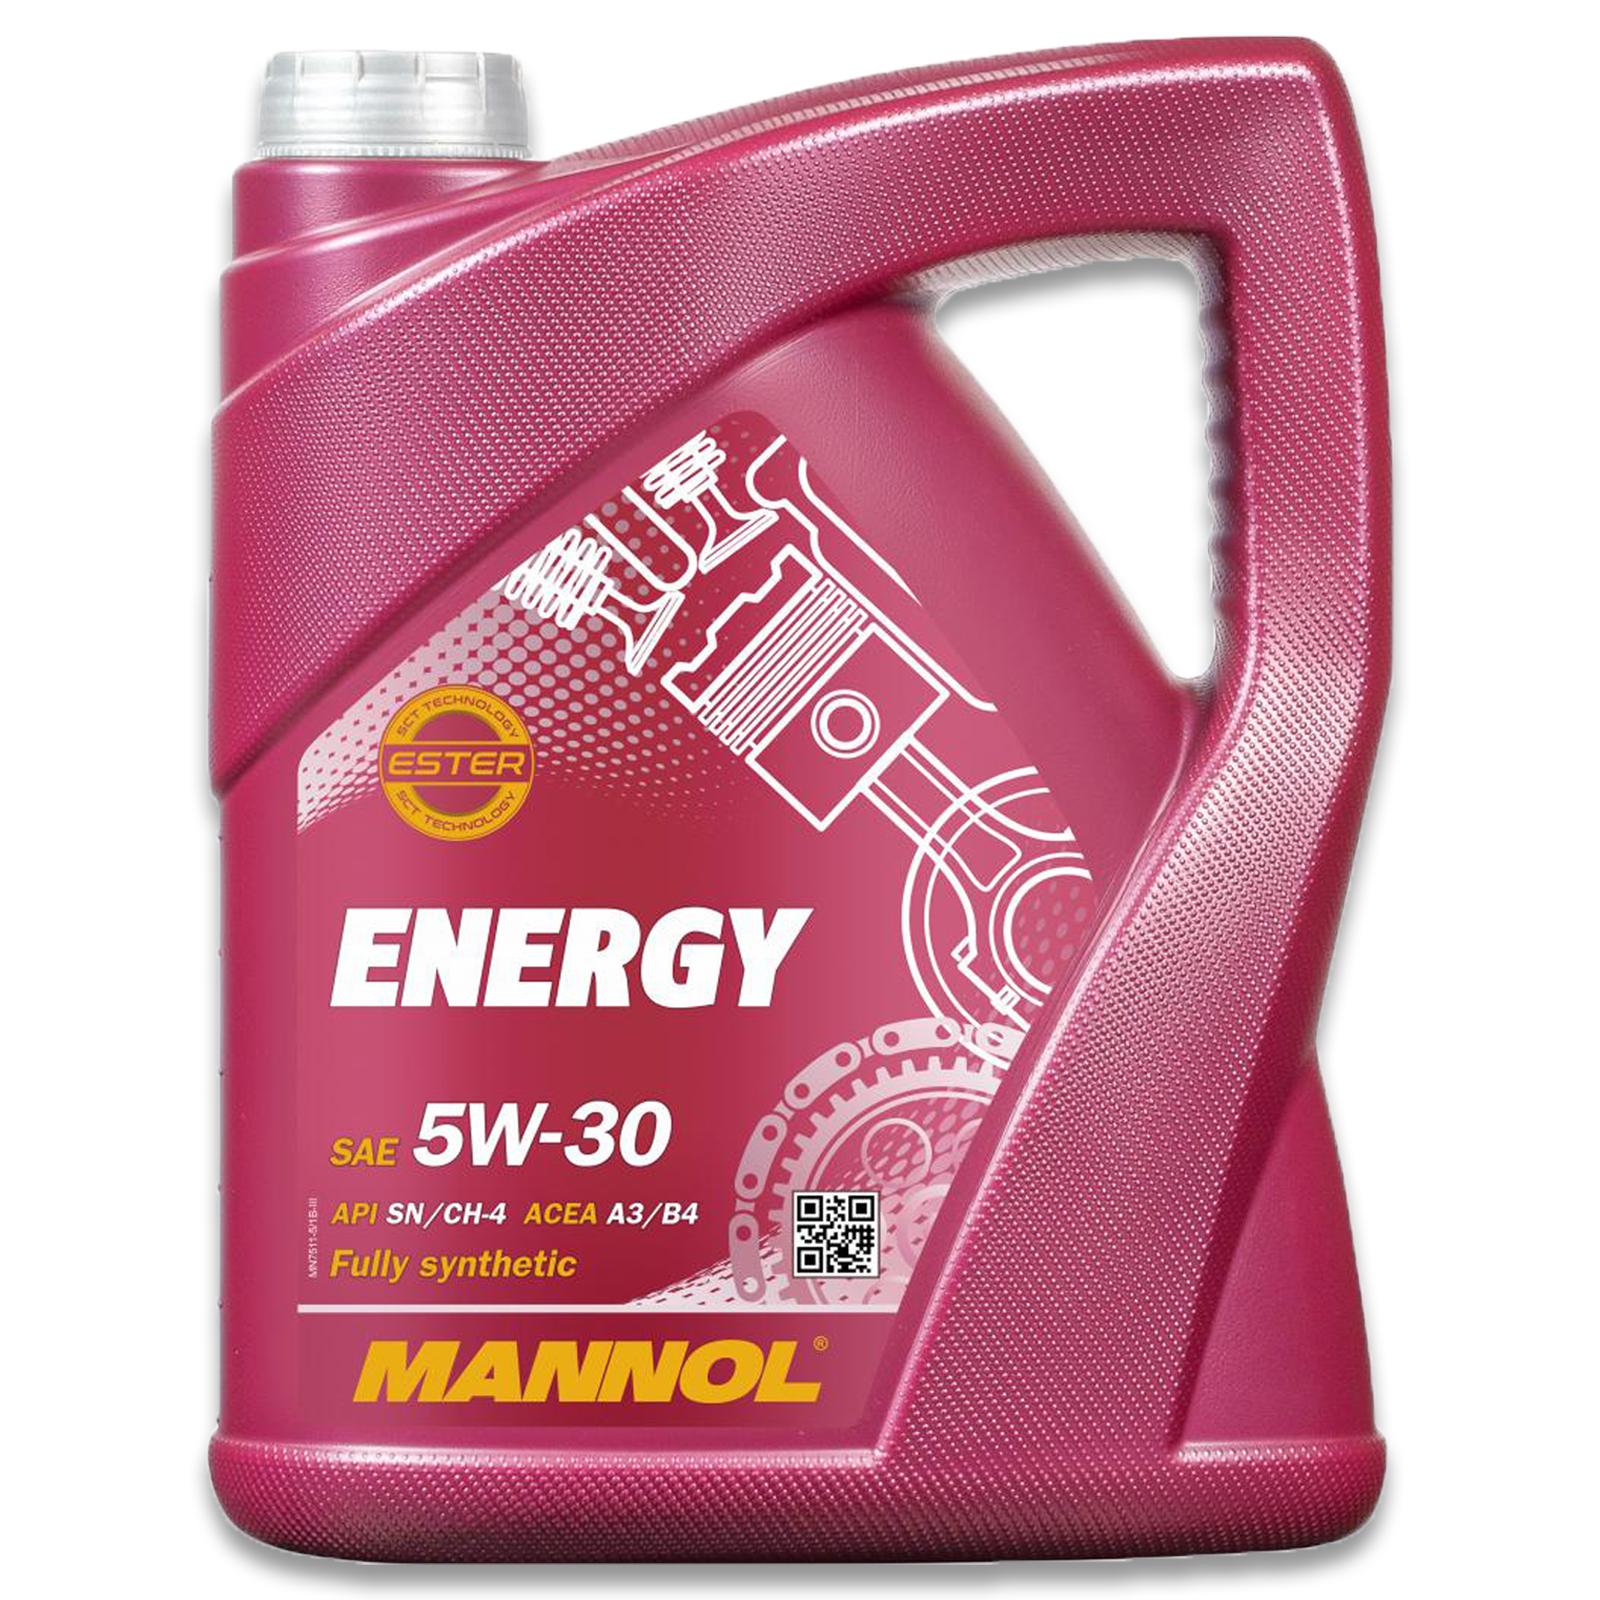 Mannol Energy 5W-30 5L